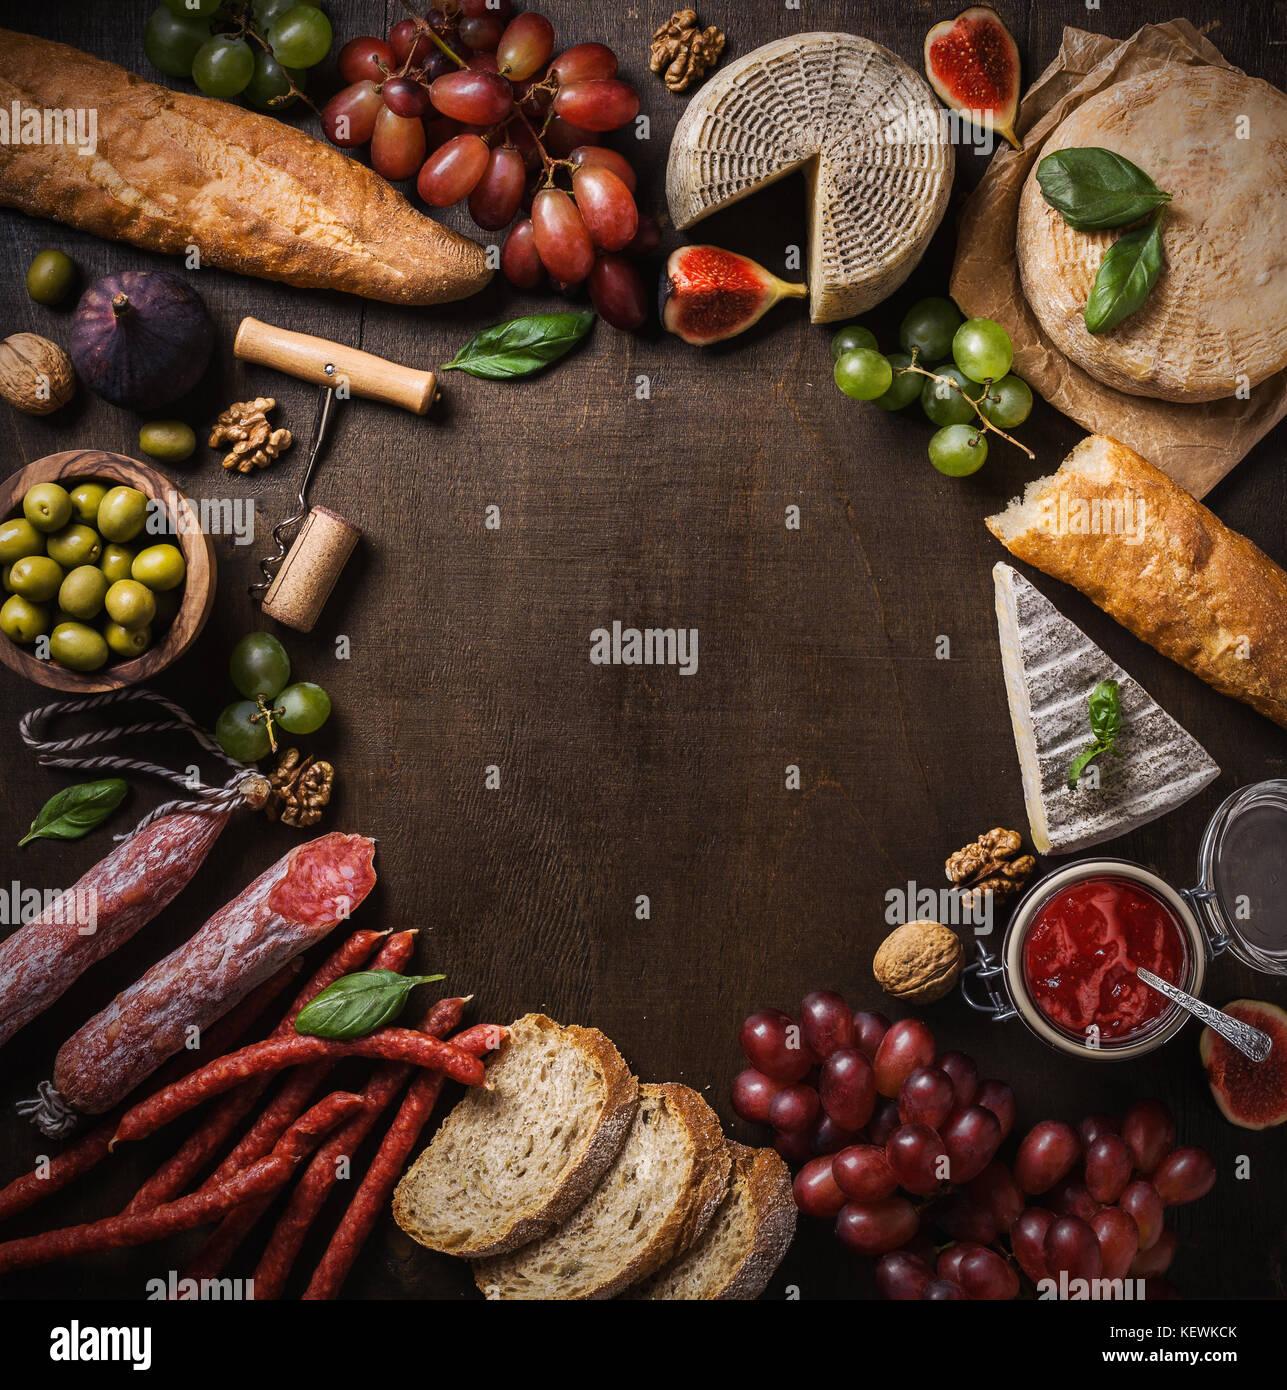 Télévision jeter la composition avec du fromage, de la viande et des fruits. Vue de dessus, copy space Photo Stock